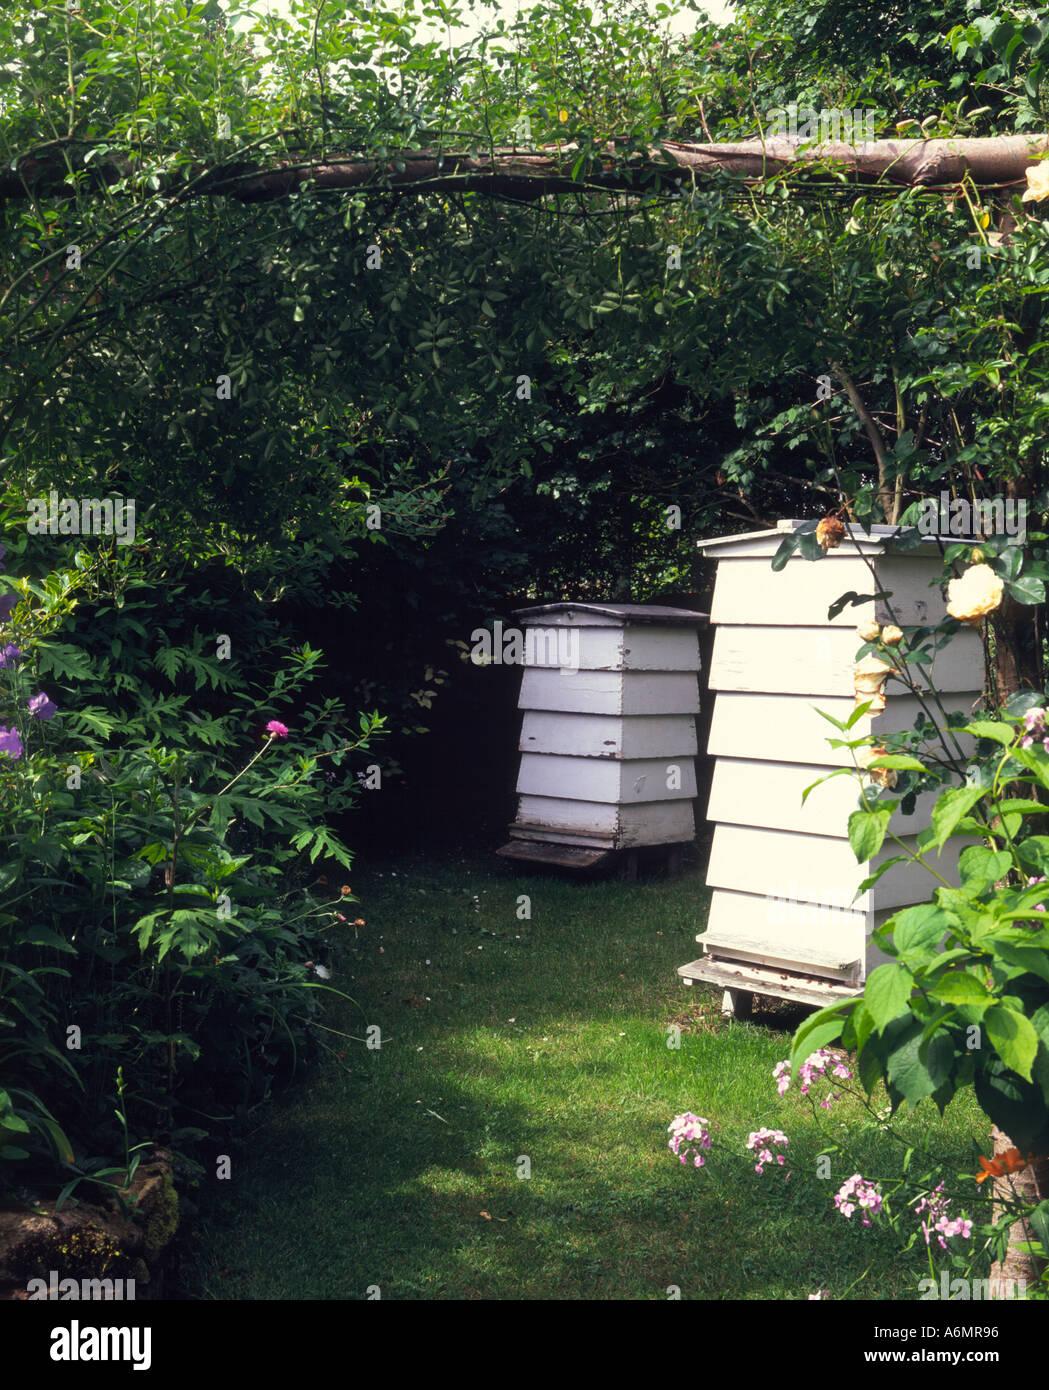 Beehives set in corner of garden - Stock Image